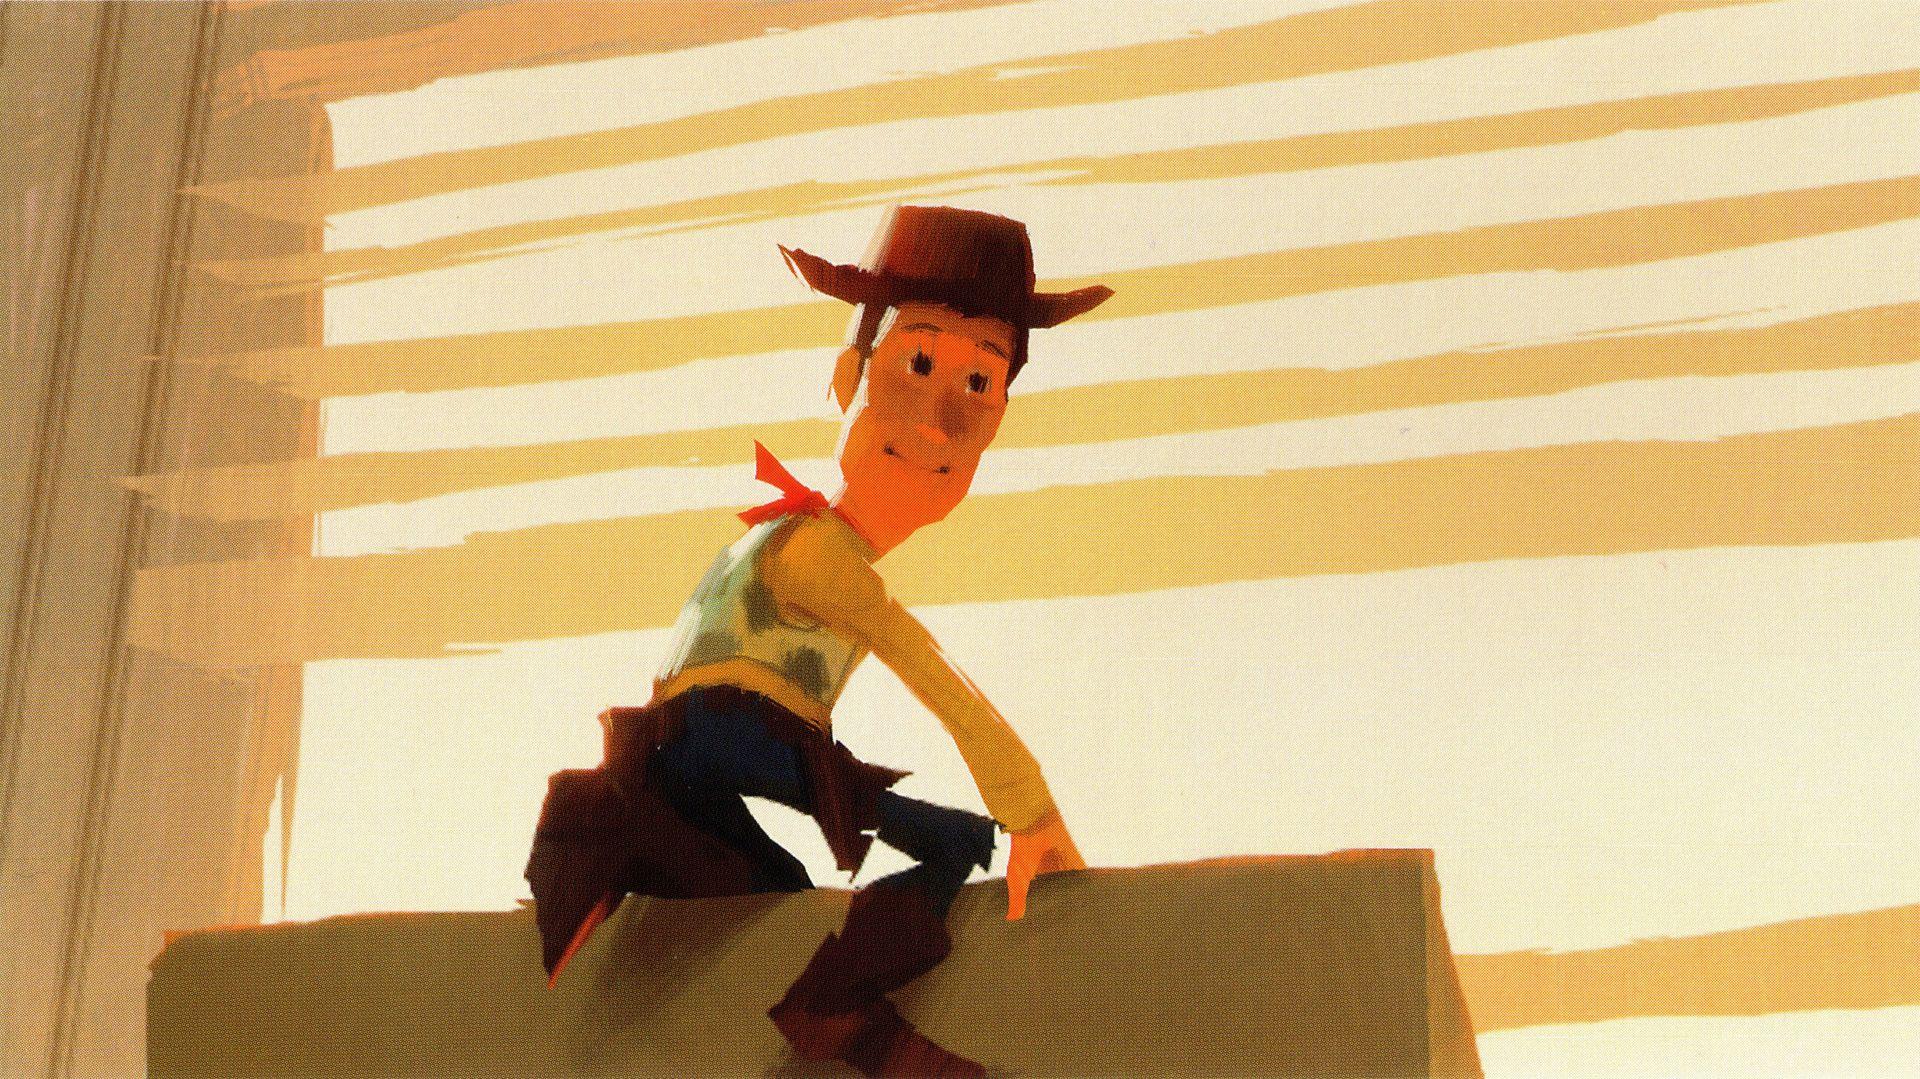 artworks : Tous les messages sur artworks - The Art of Disney